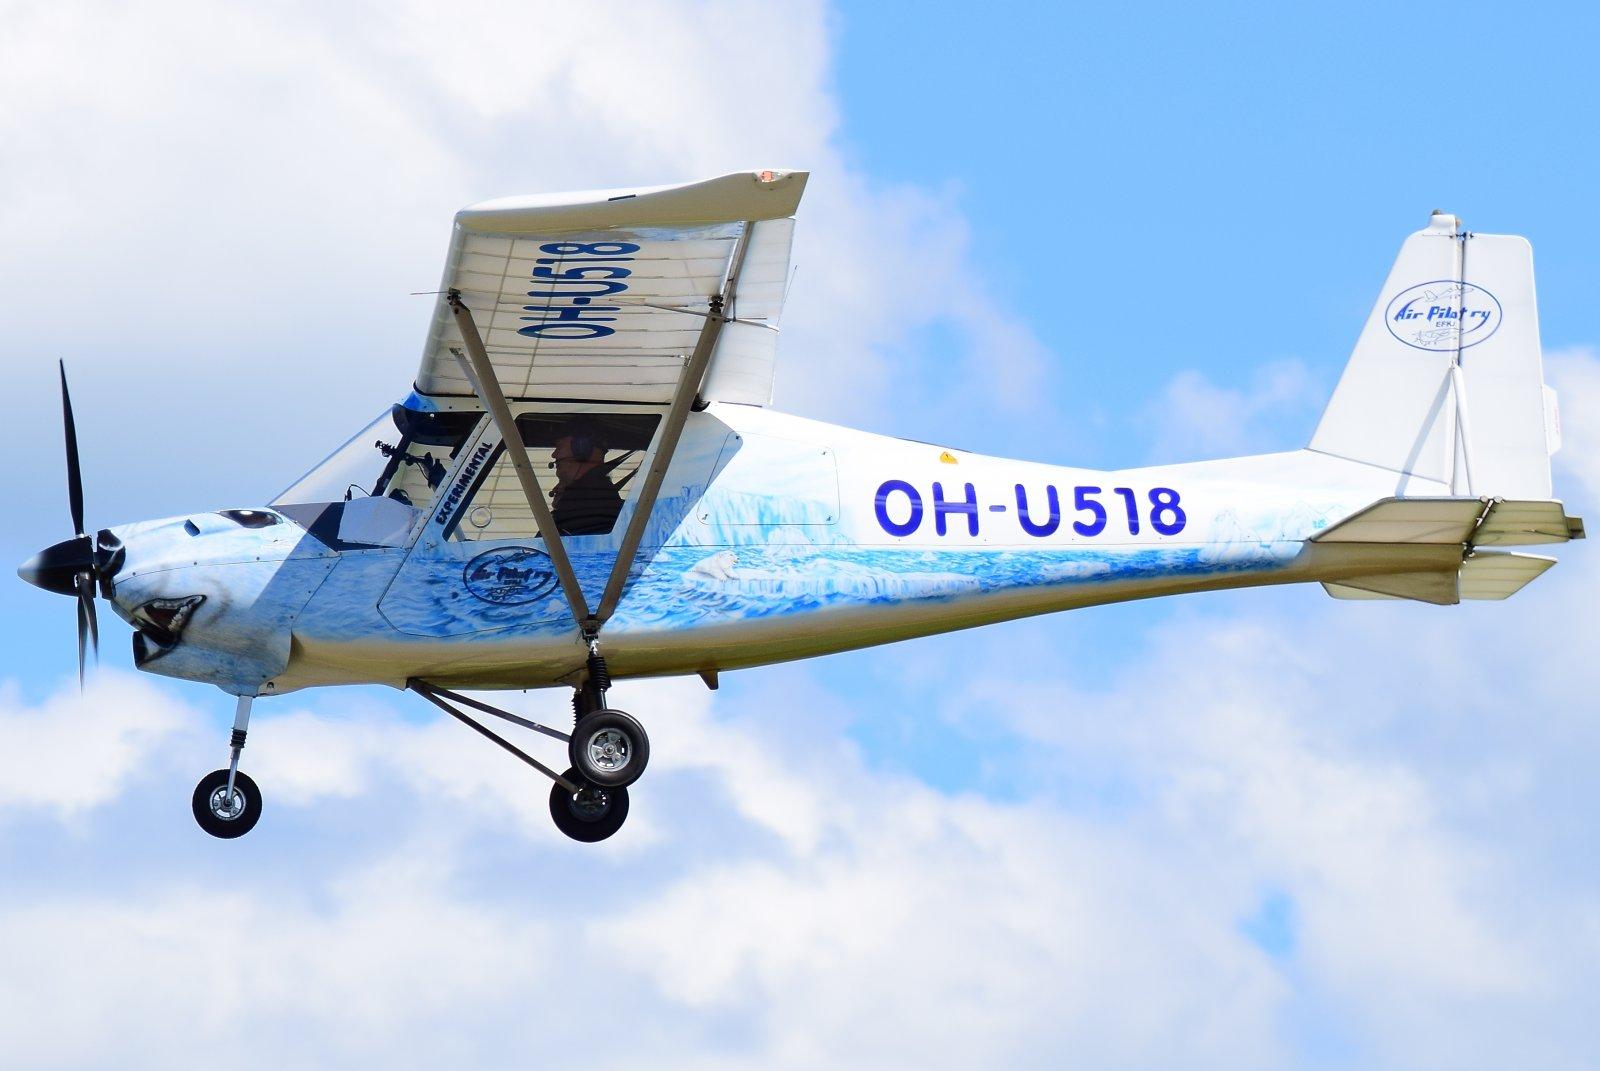 OH-U518